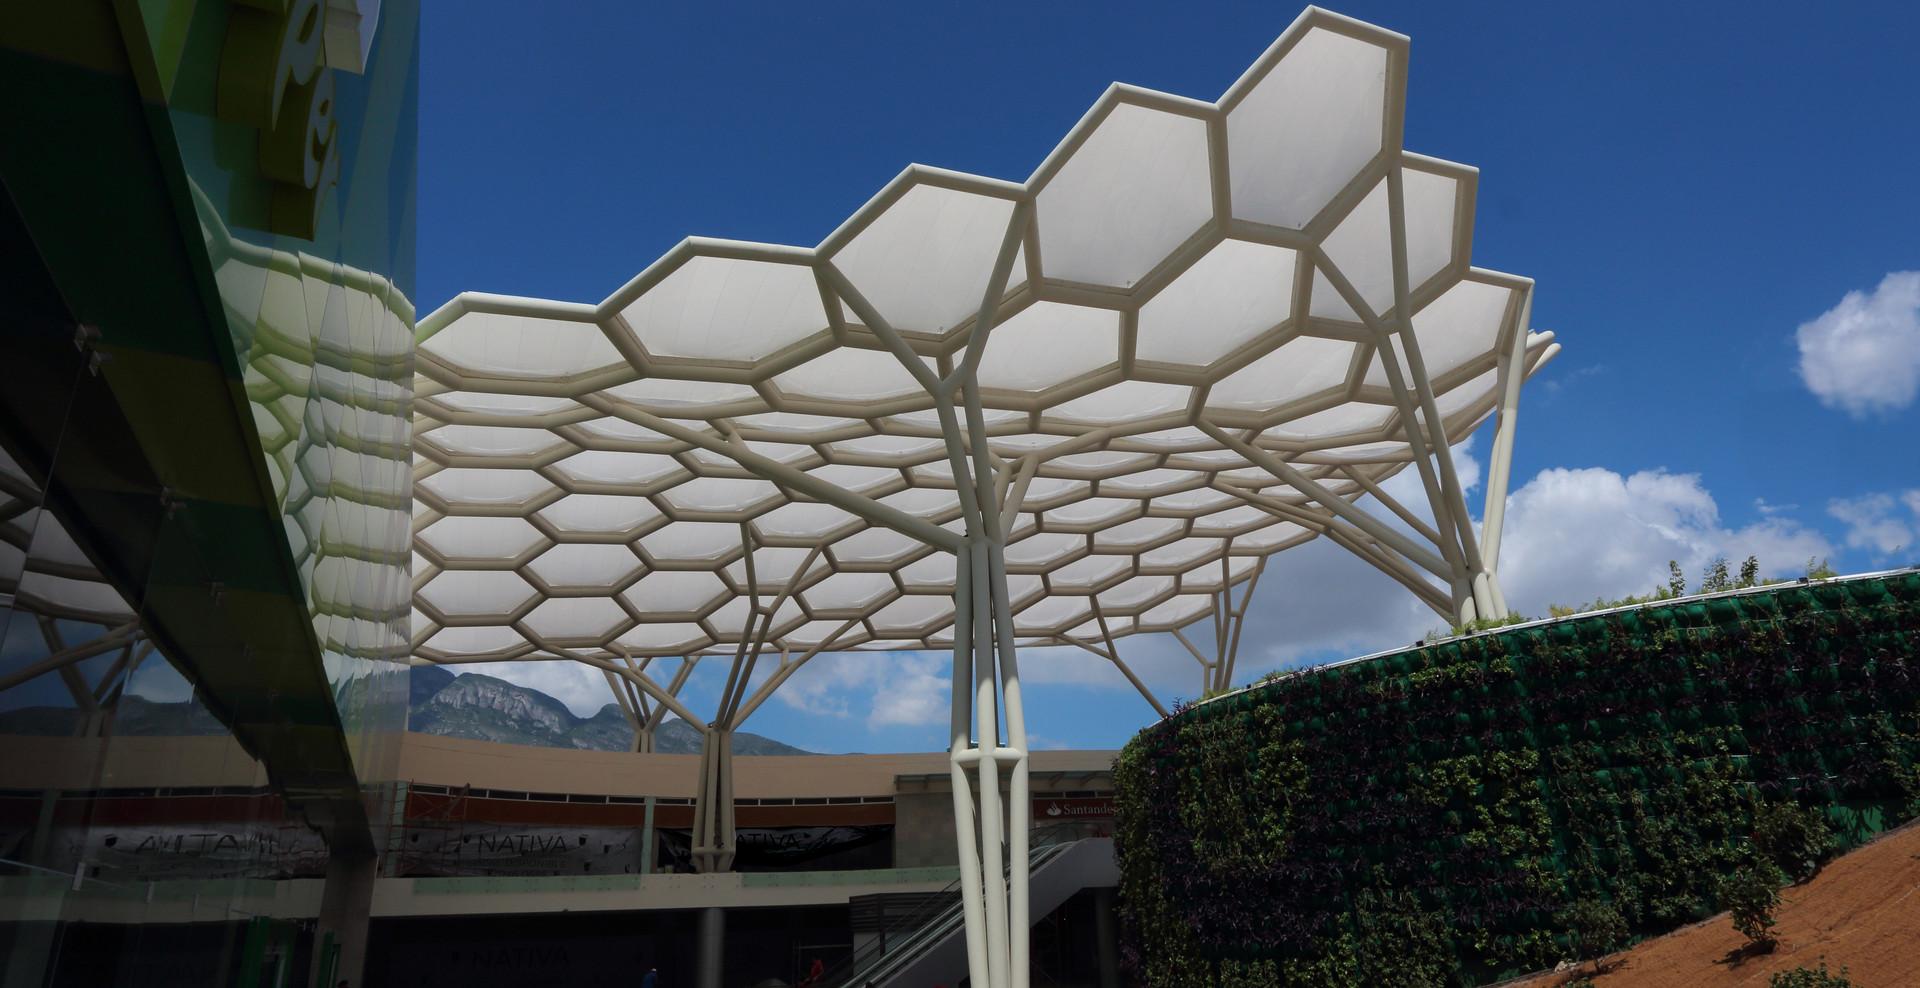 Cubierta-Textile Architektur03.JPG